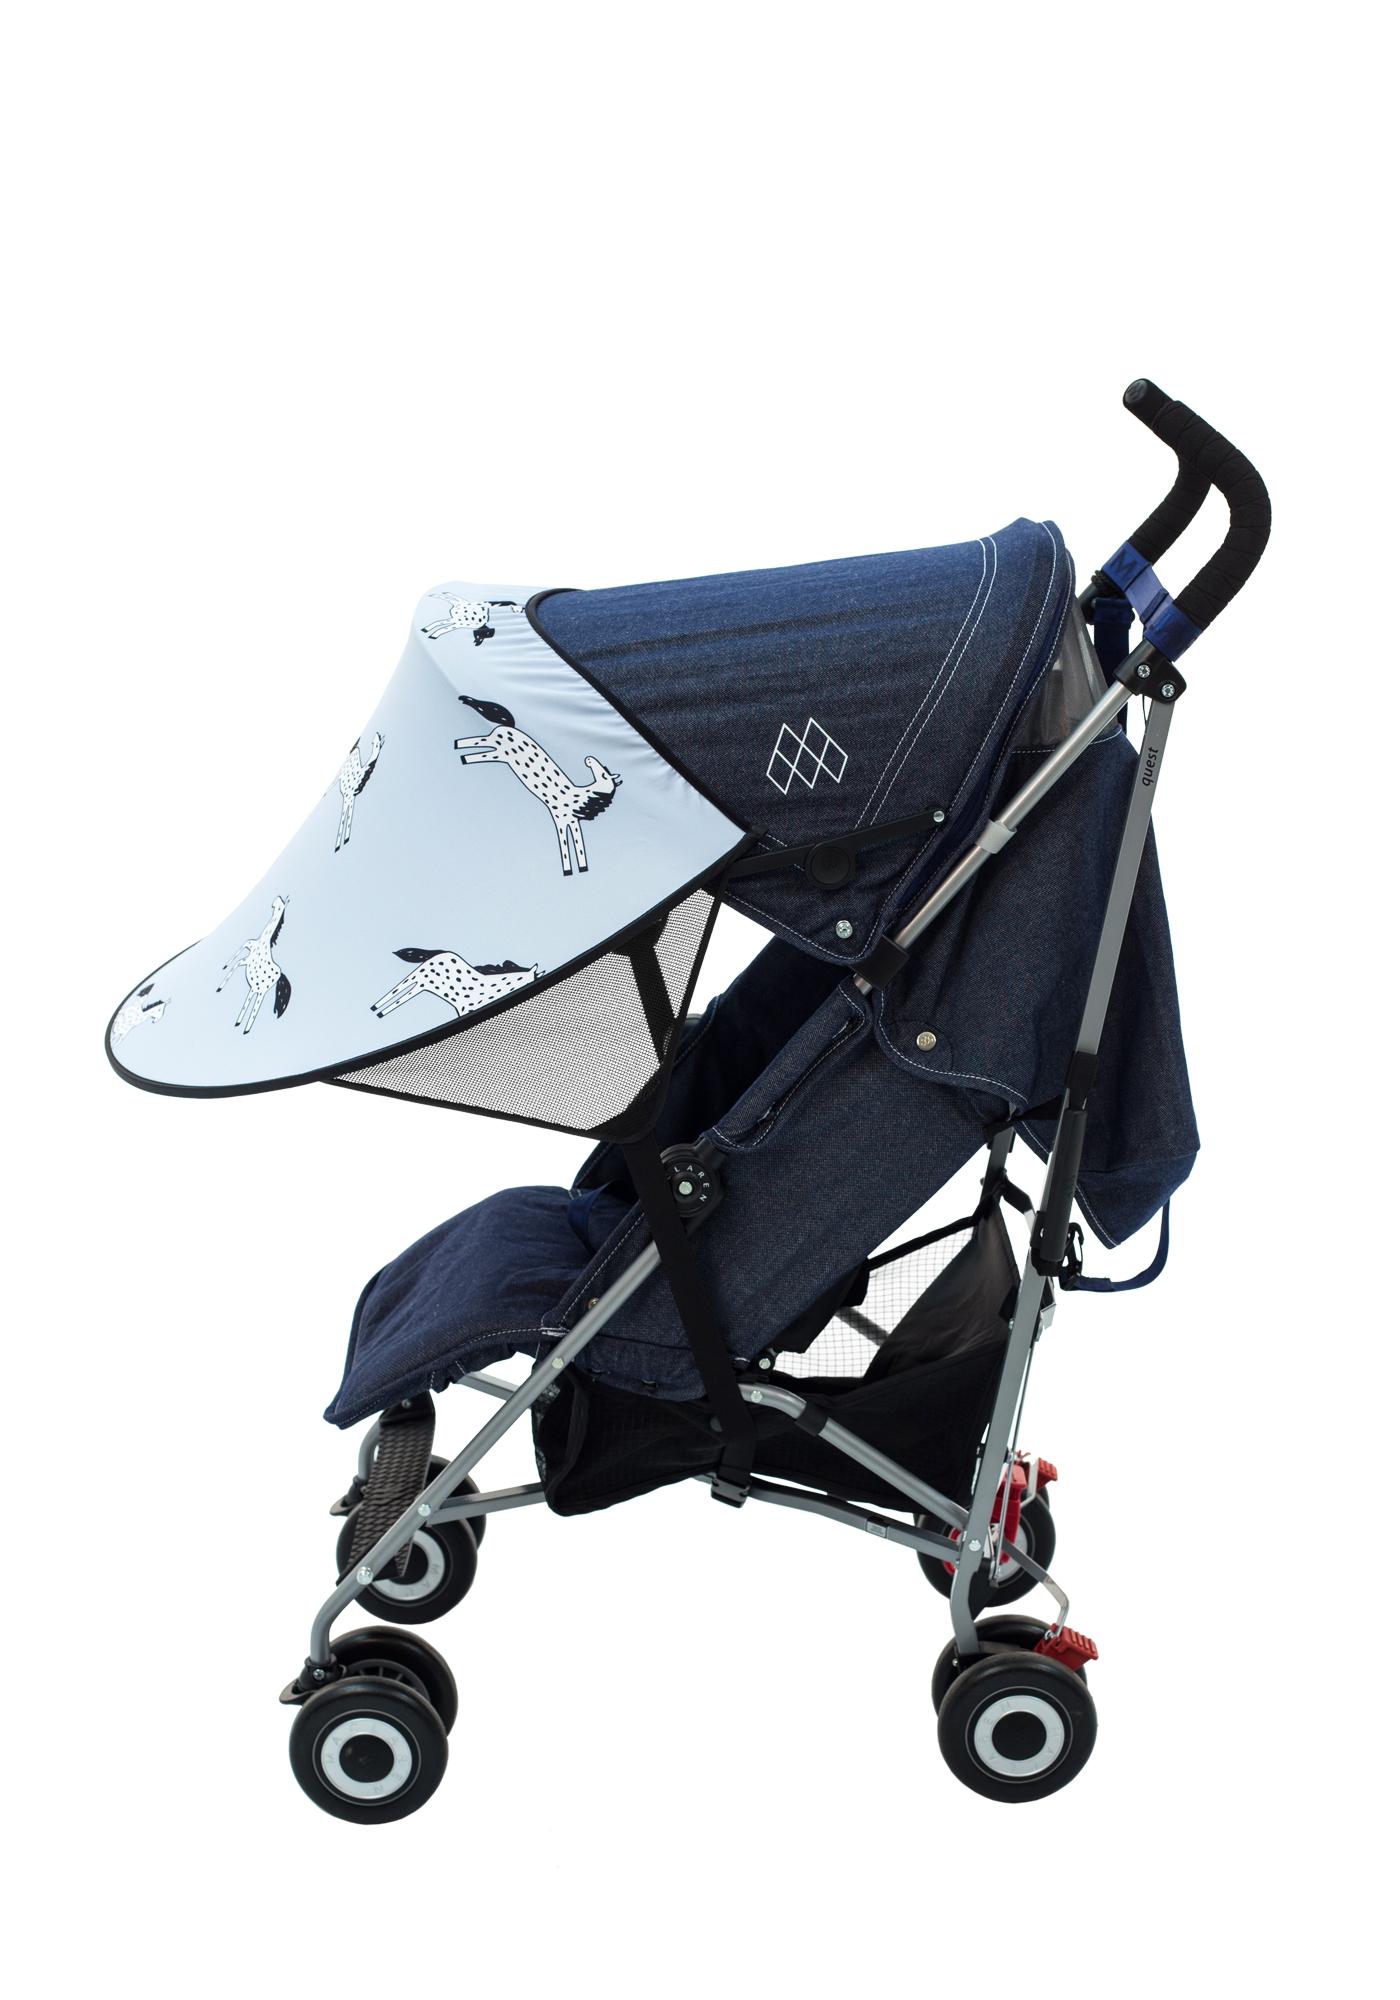 цена Аксессуар для колясок Leokid 5671 голубой, черный, белый онлайн в 2017 году